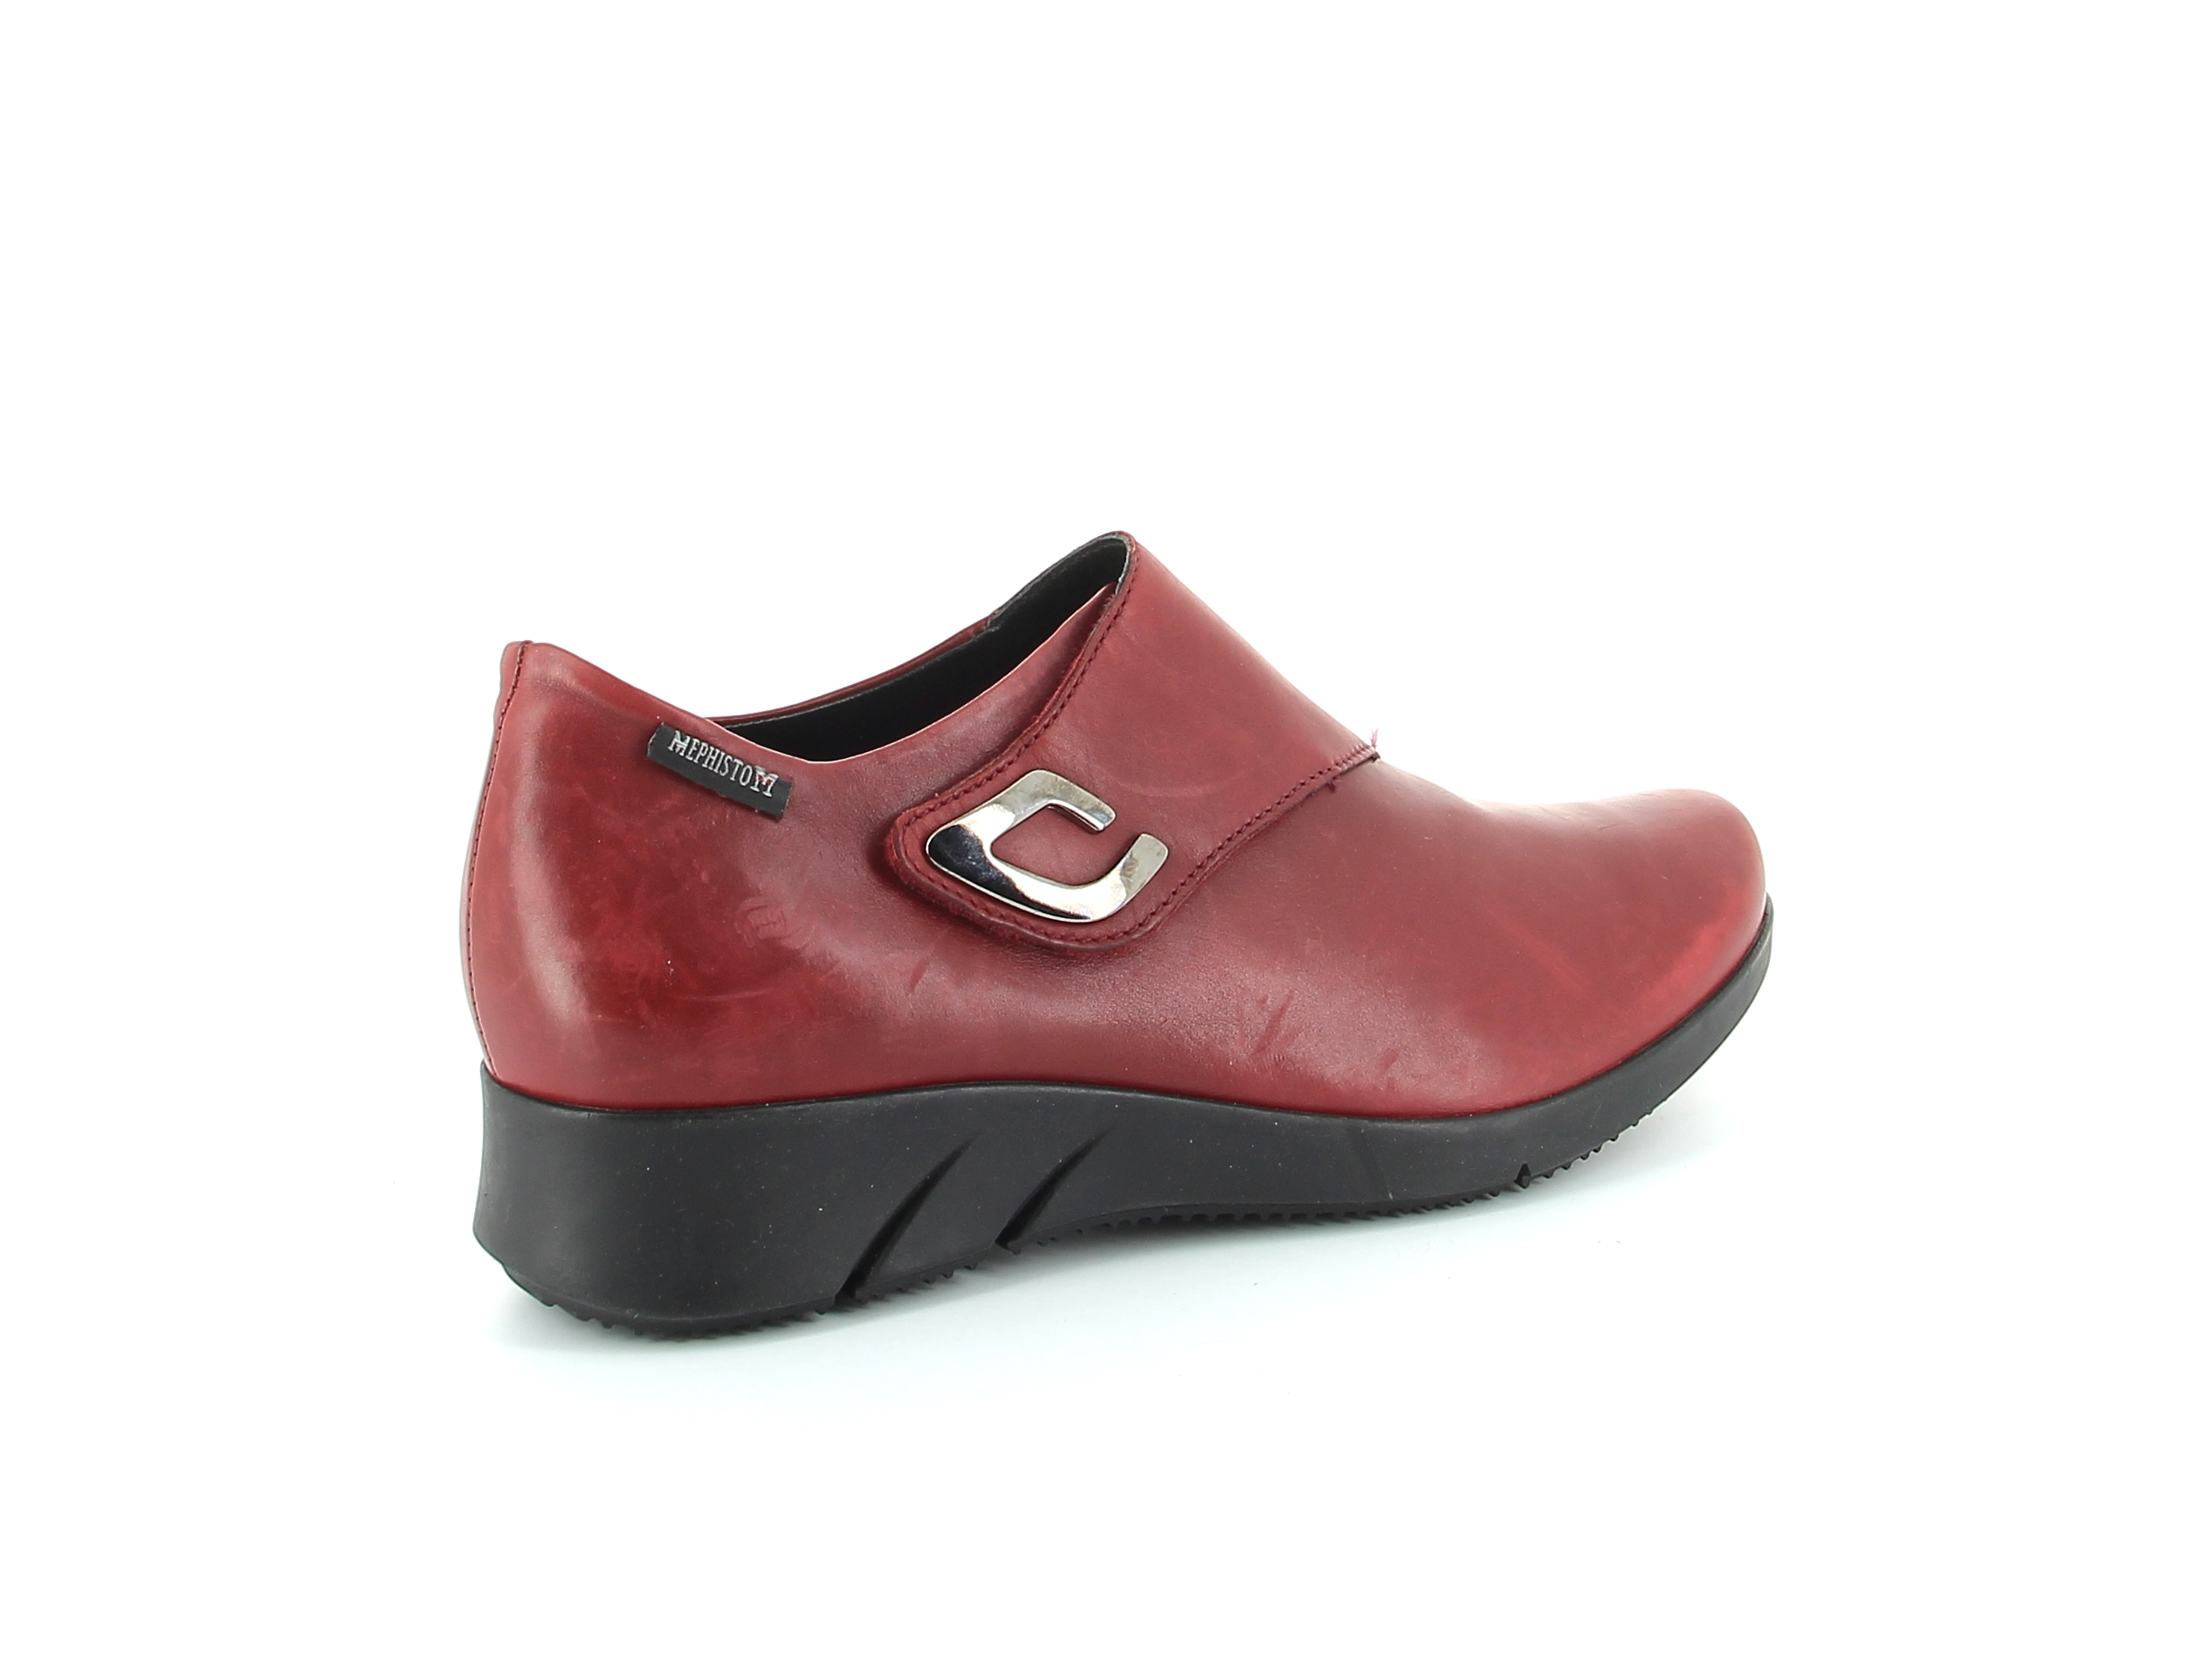 Shop Mocassin Chaussures Mephisto Confortables Femme Modèle ZiuwXOPTk